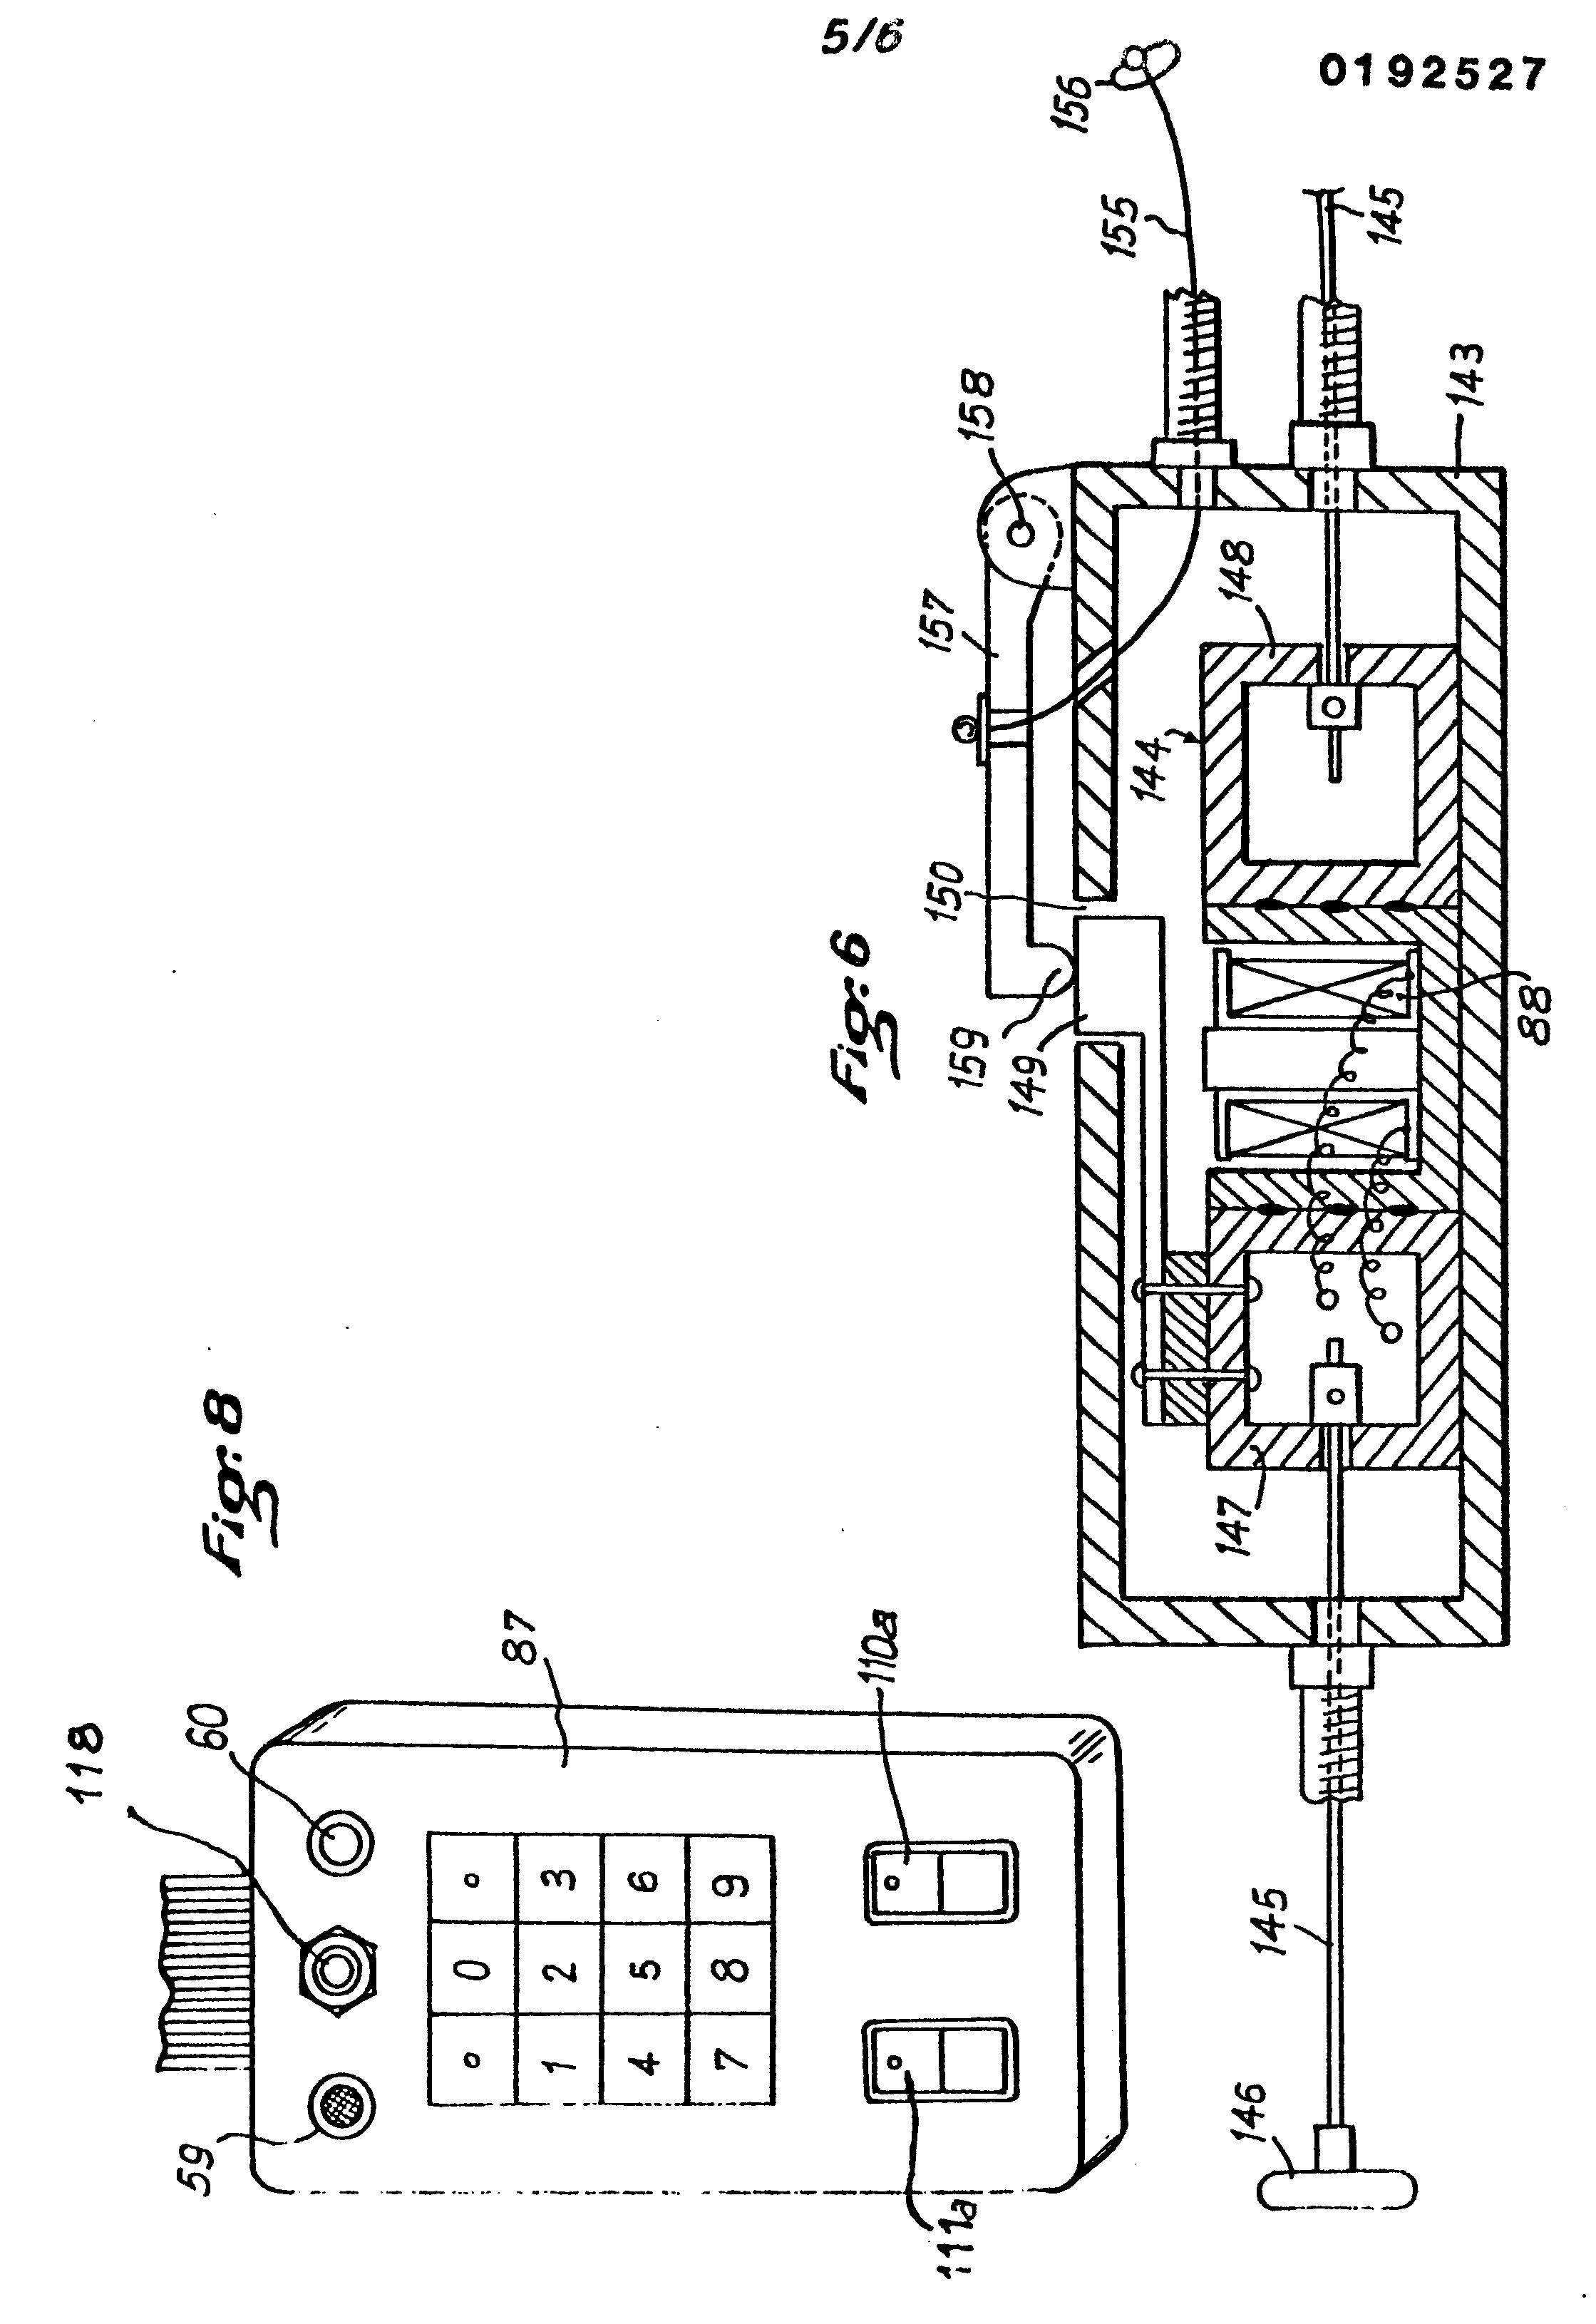 Pioneer Ke 3838 Wiring Diagram On Pioneer Deq Eq Wiring Diagram